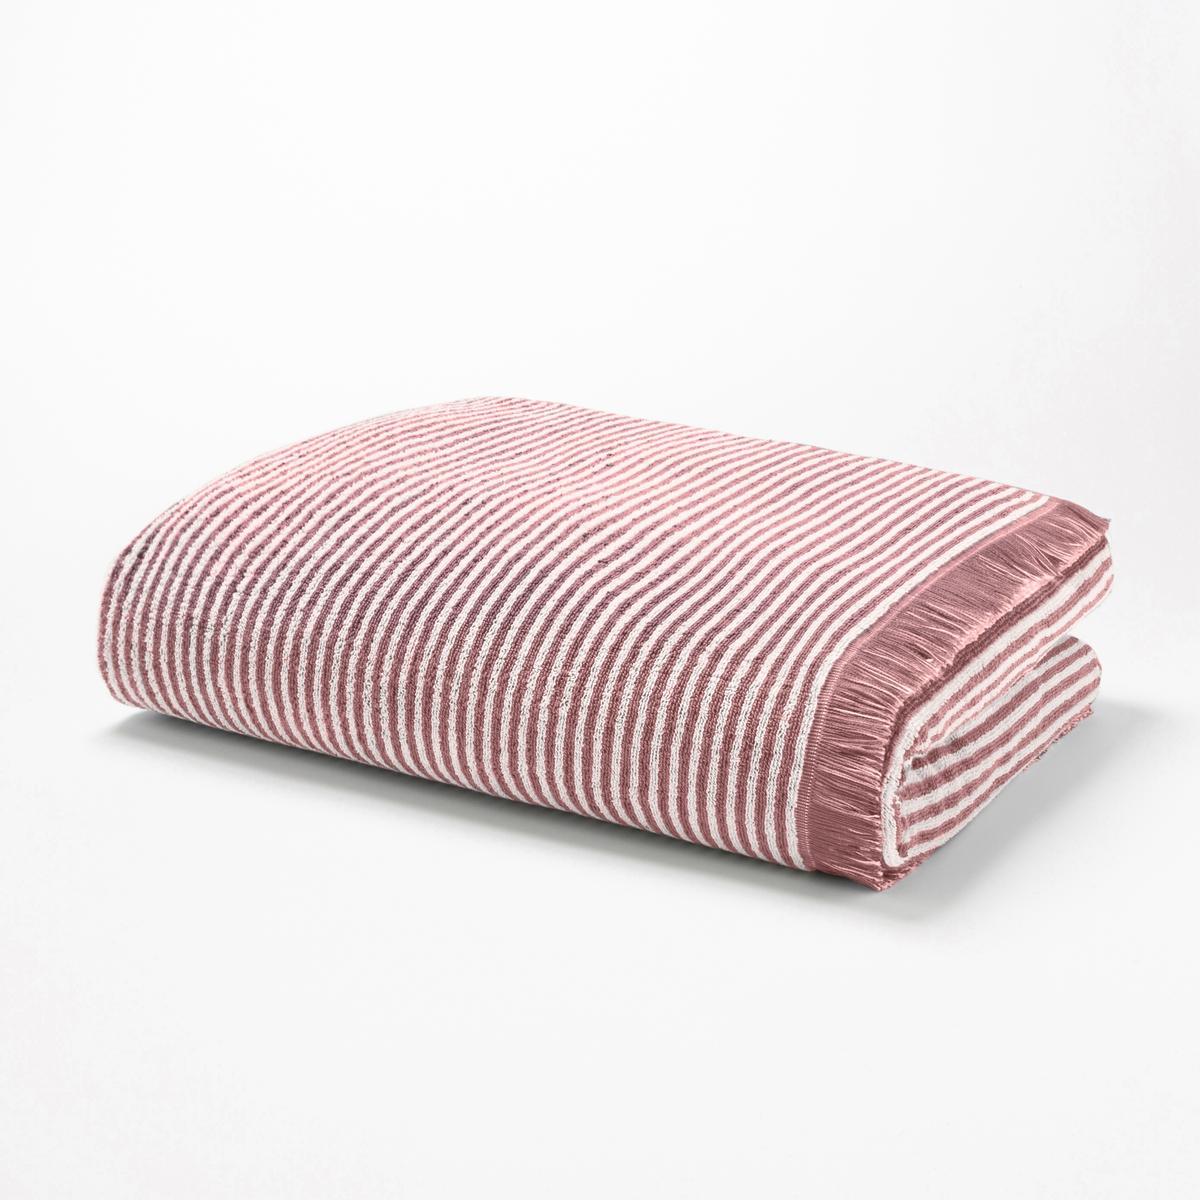 Полотенце La Redoute В полоску из махровой ткани HARMONY 50 x 100 см розовый